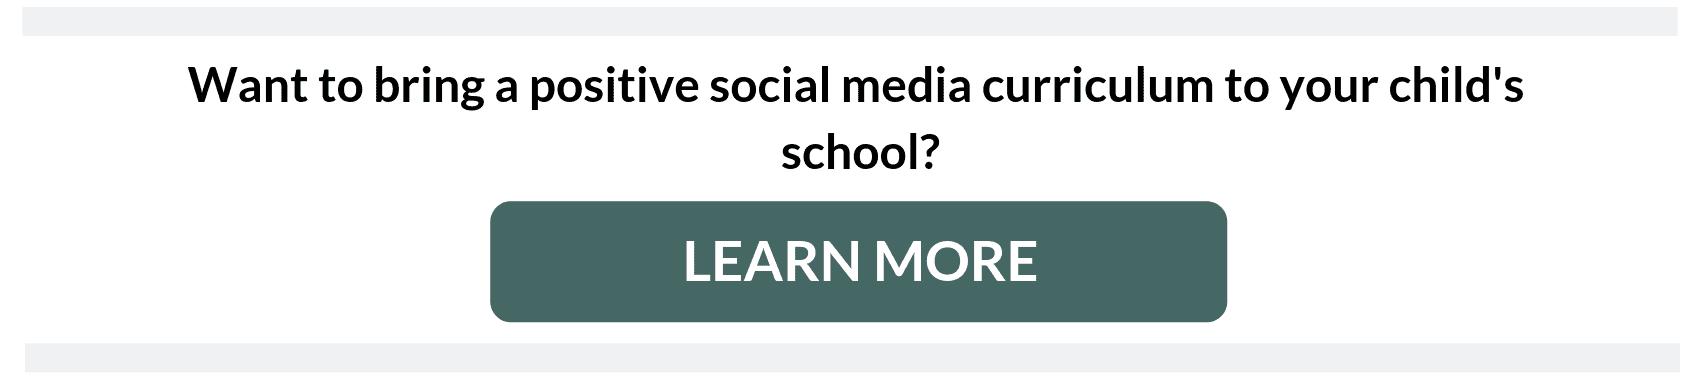 Social Institute CTA